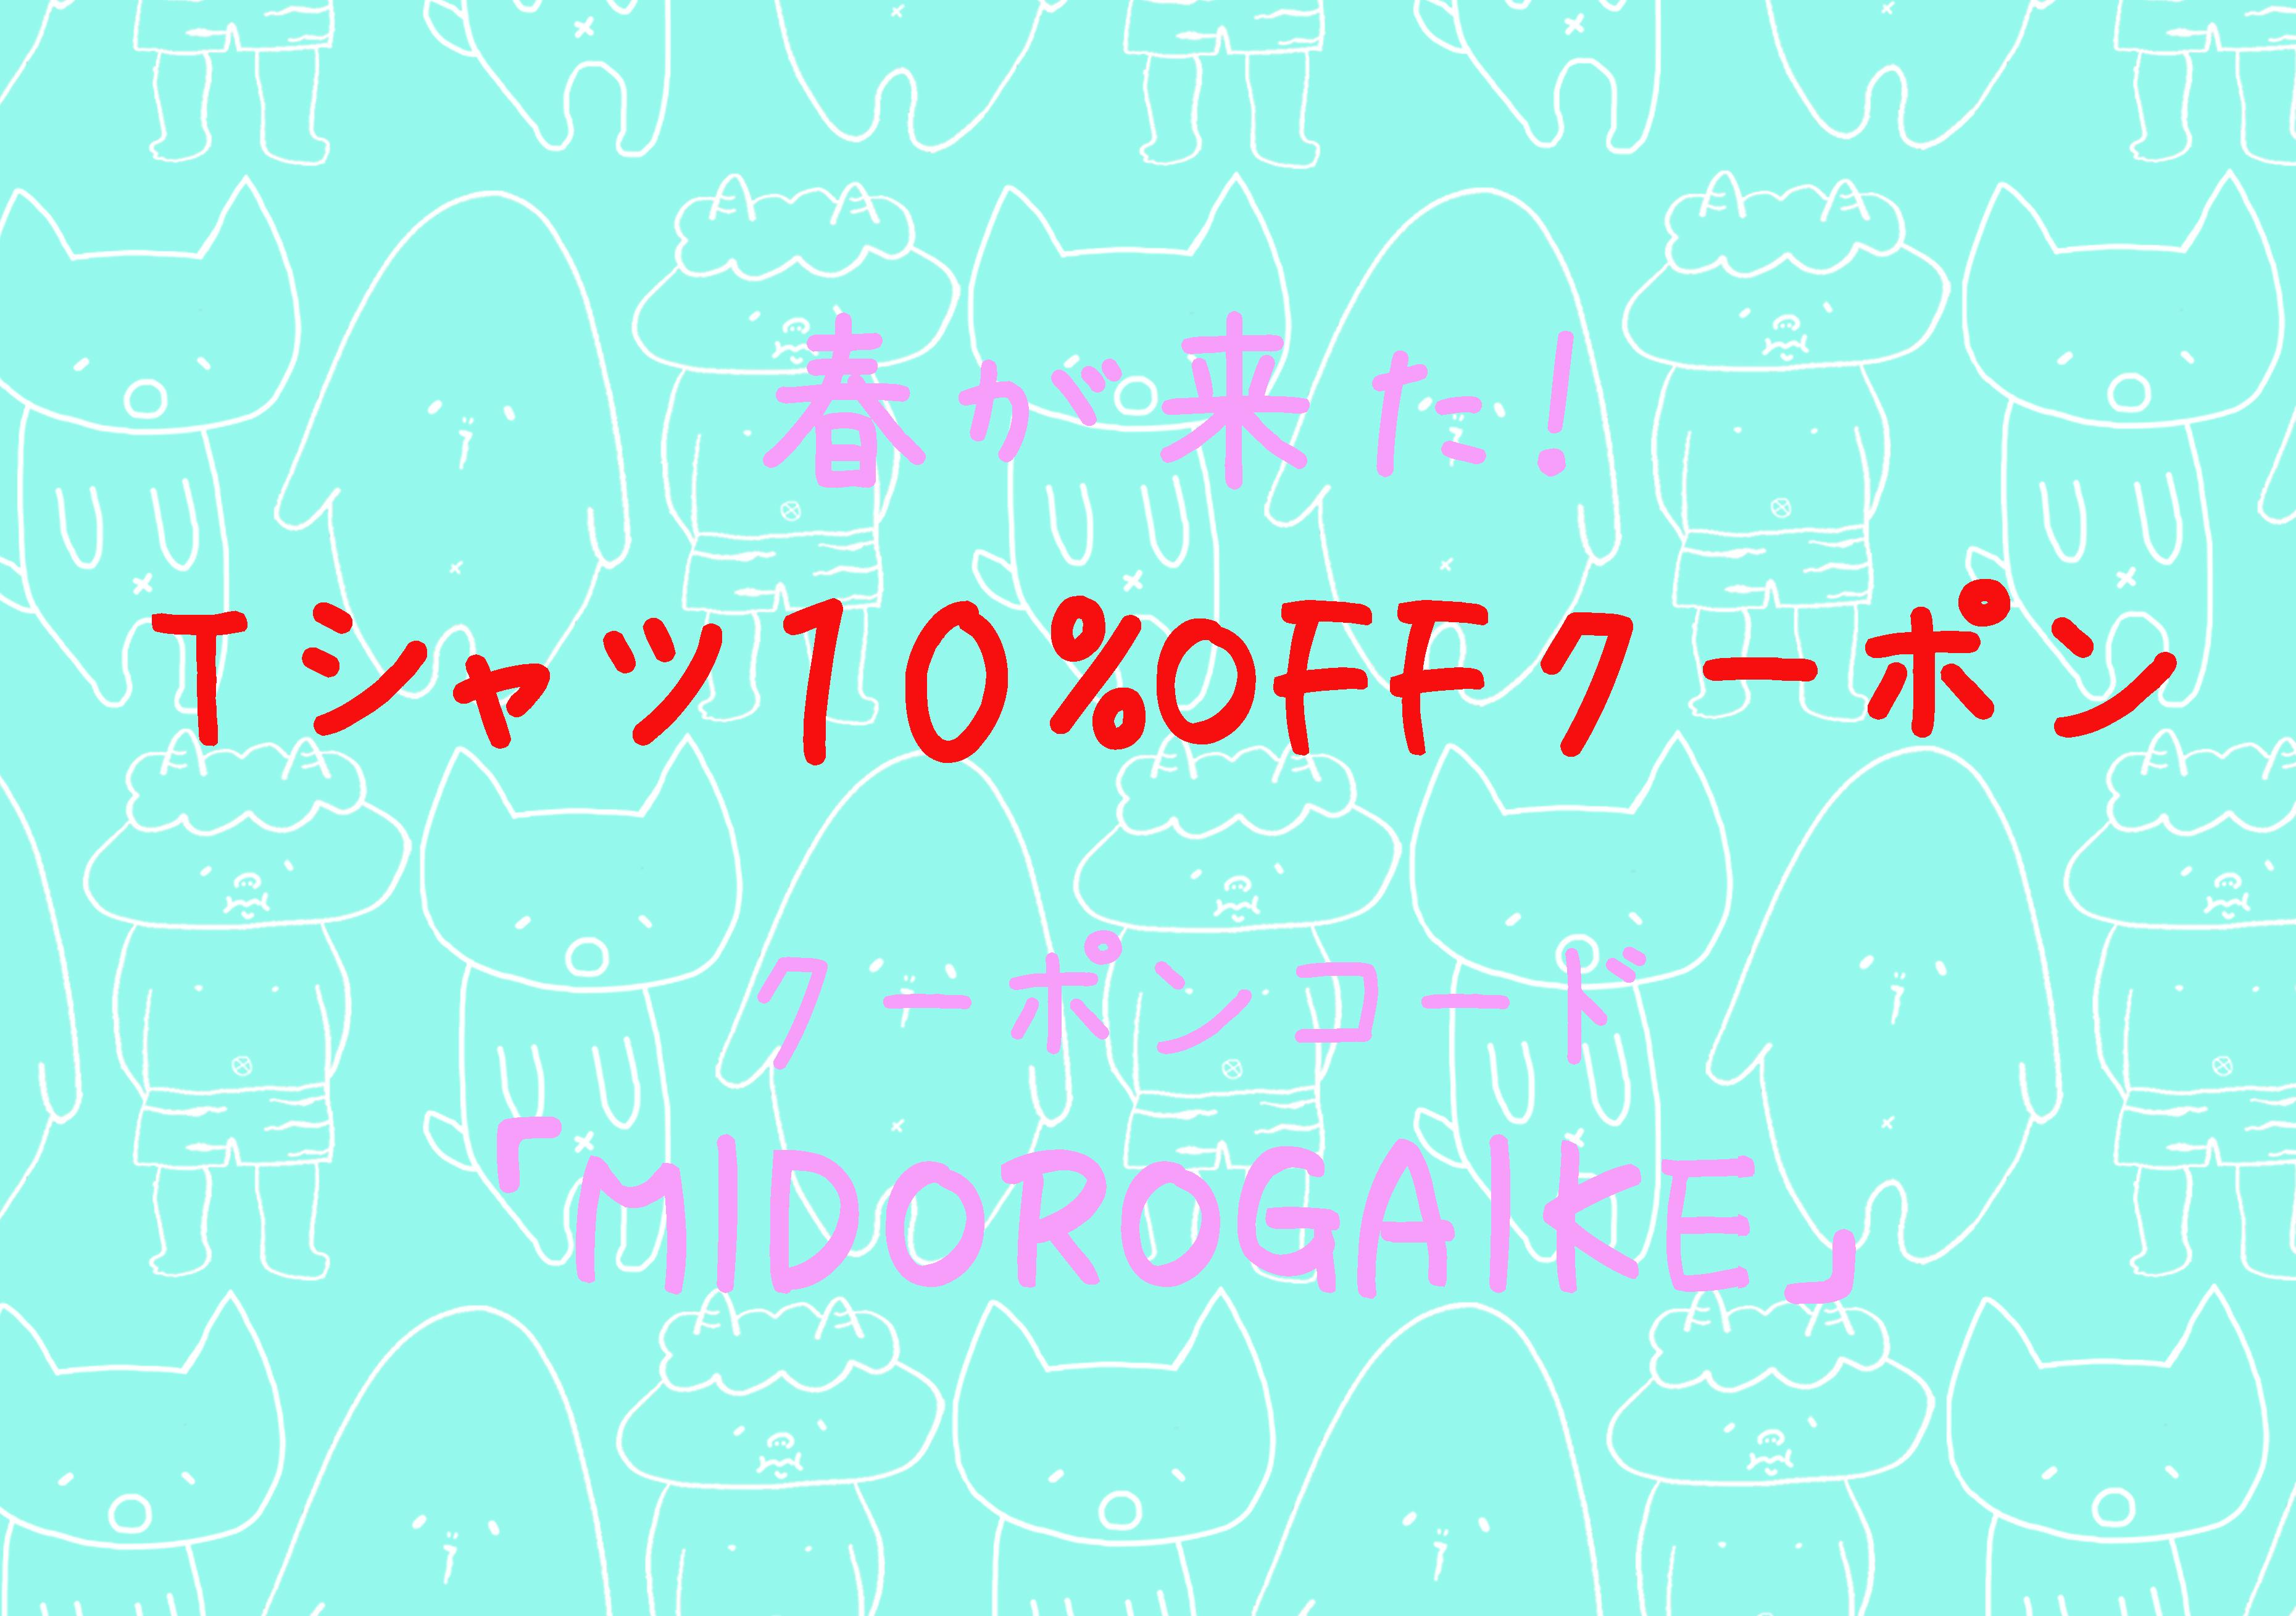 「春が来た!Tシャツ10%OFFクーポン」発行しました!クーポンコードは「MIDOROGAIKE」